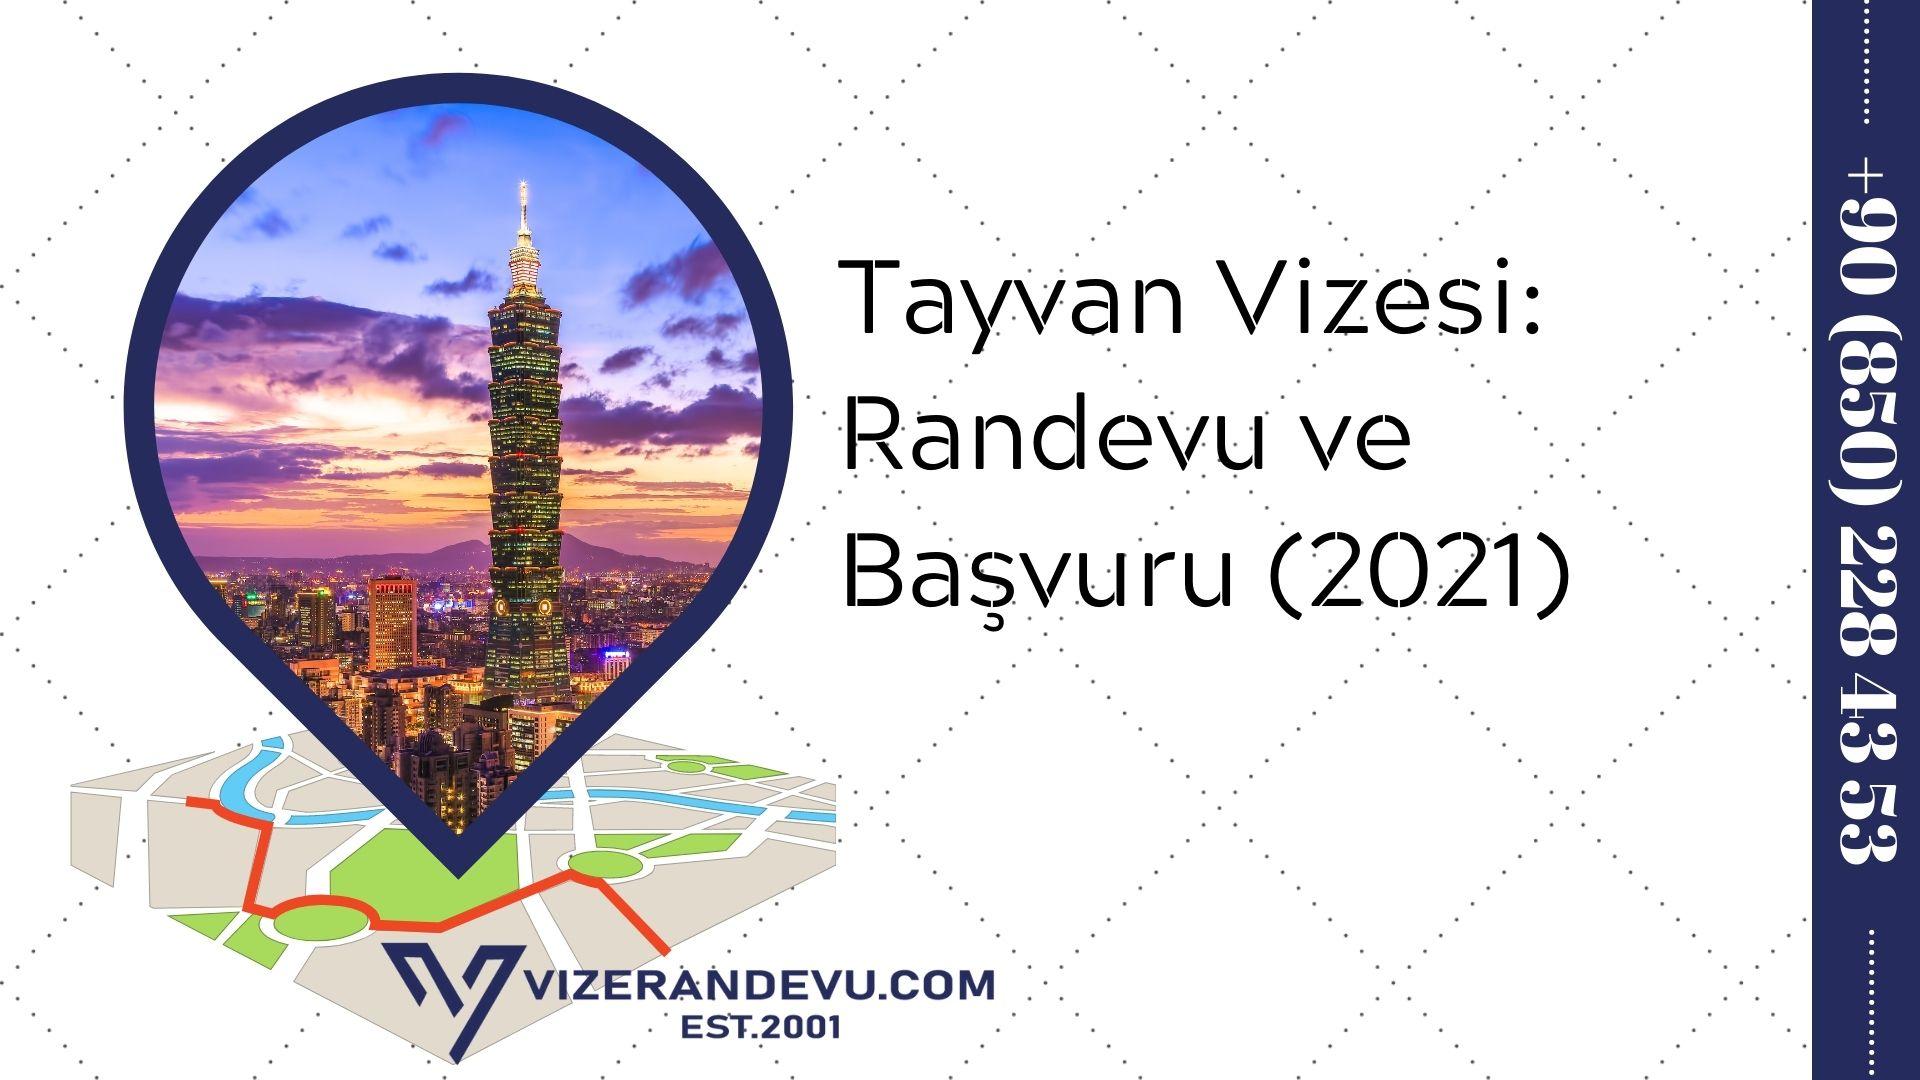 Tayvan Vizesi: Randevu ve Başvuru (2021)